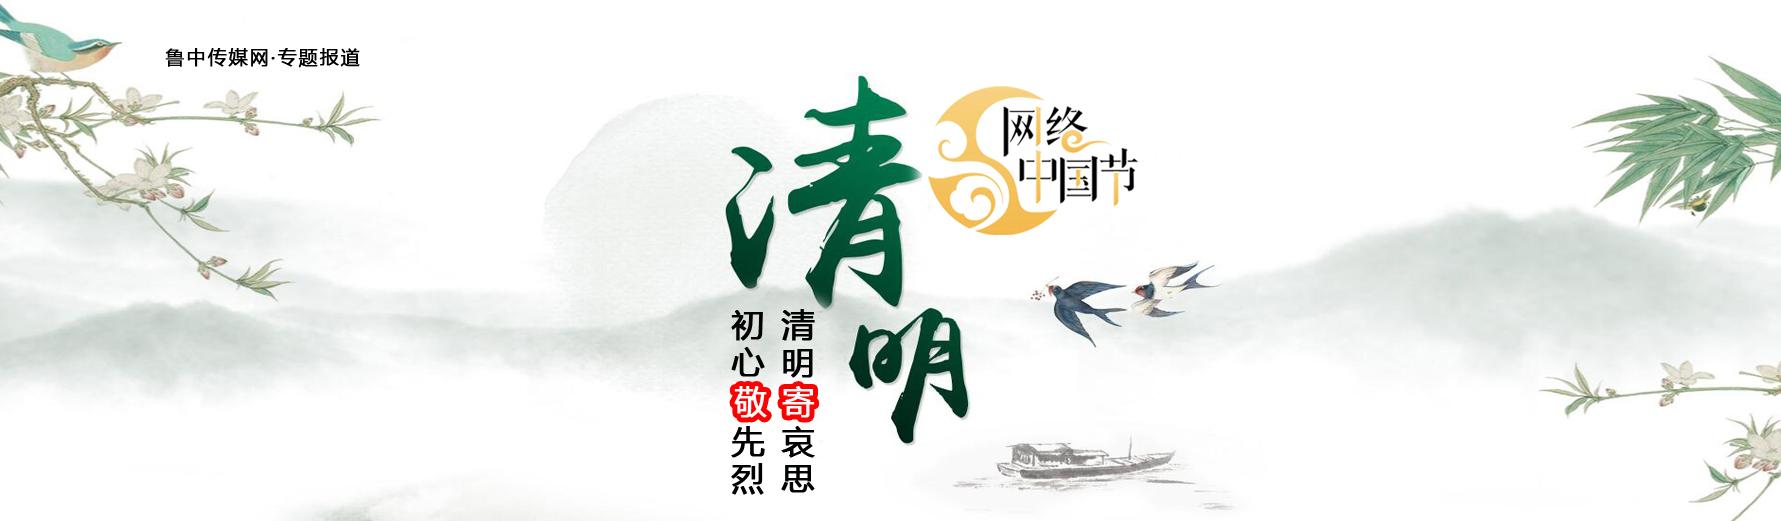 清明寄哀思 初心敬先烈——网络中国节·清明